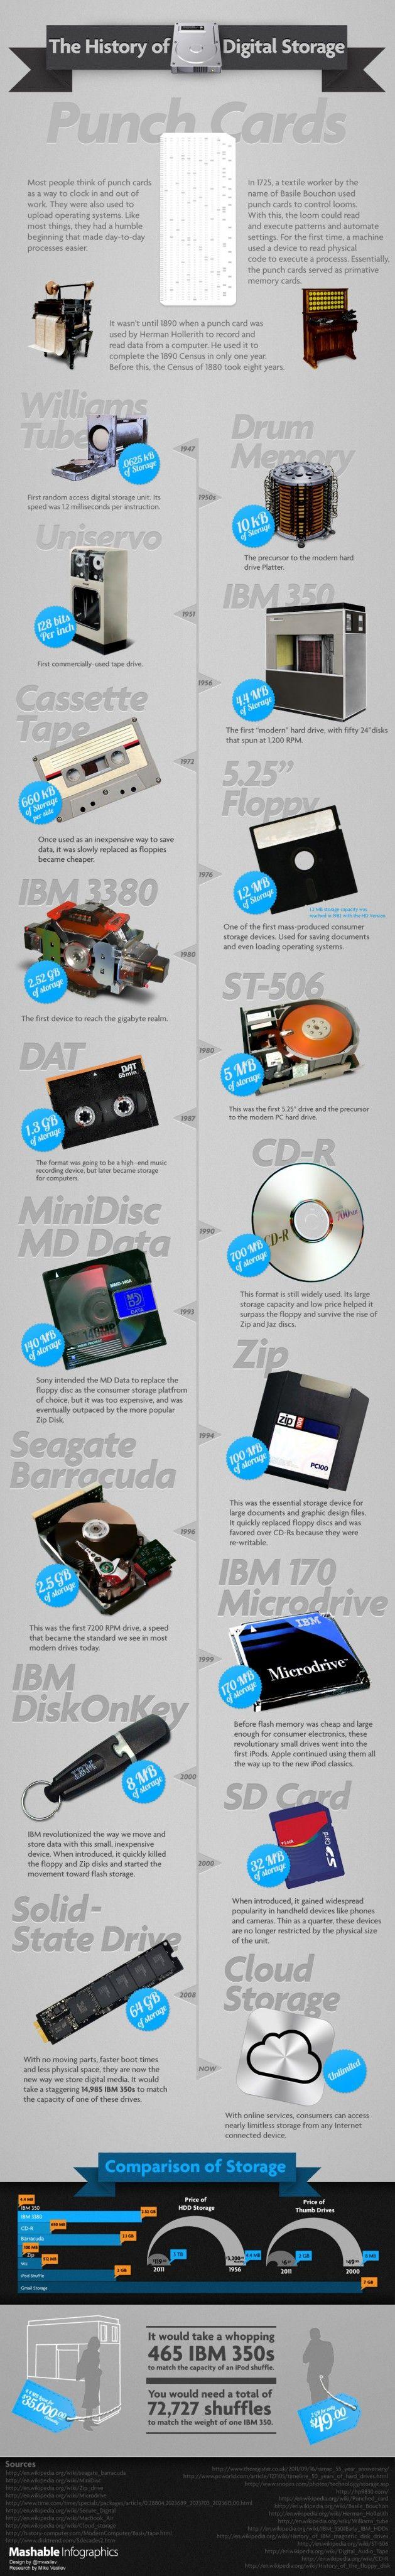 Historia del almacenamiento digital